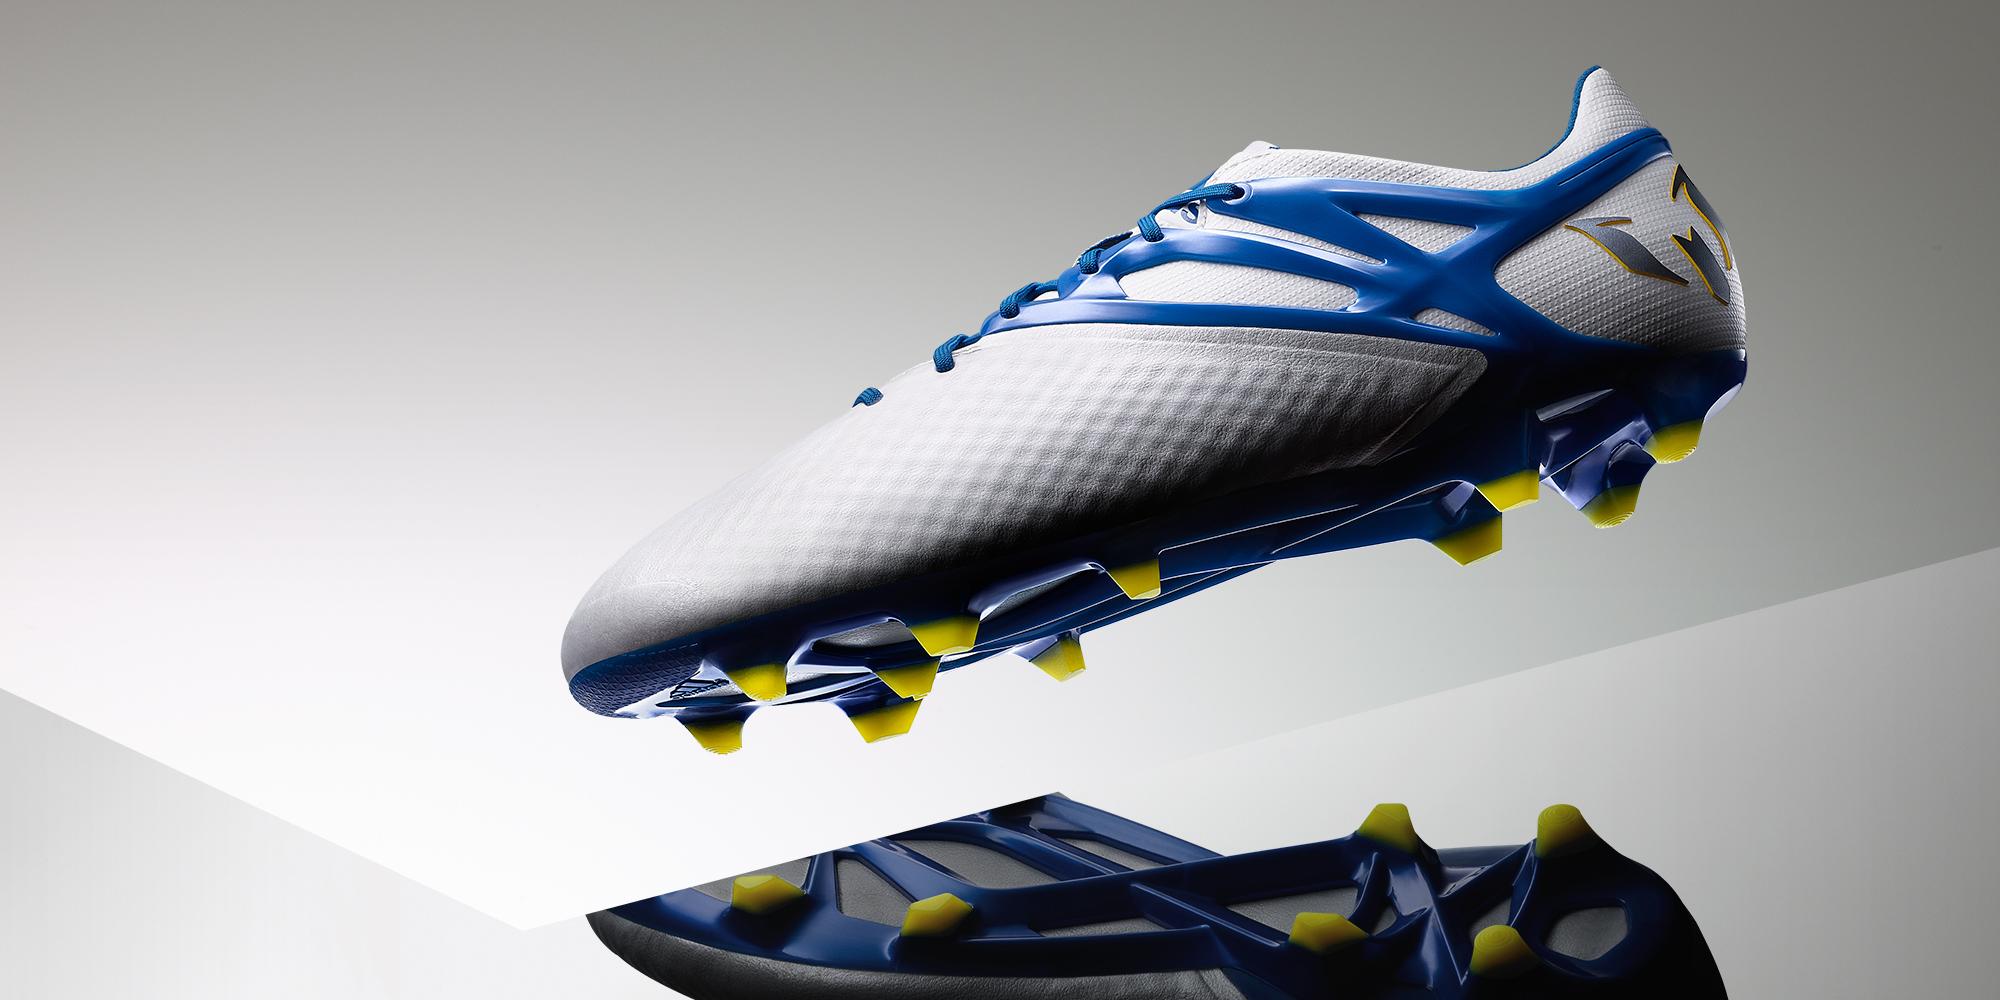 Messi 15 Built to Win: le nuove scarpe di Messi